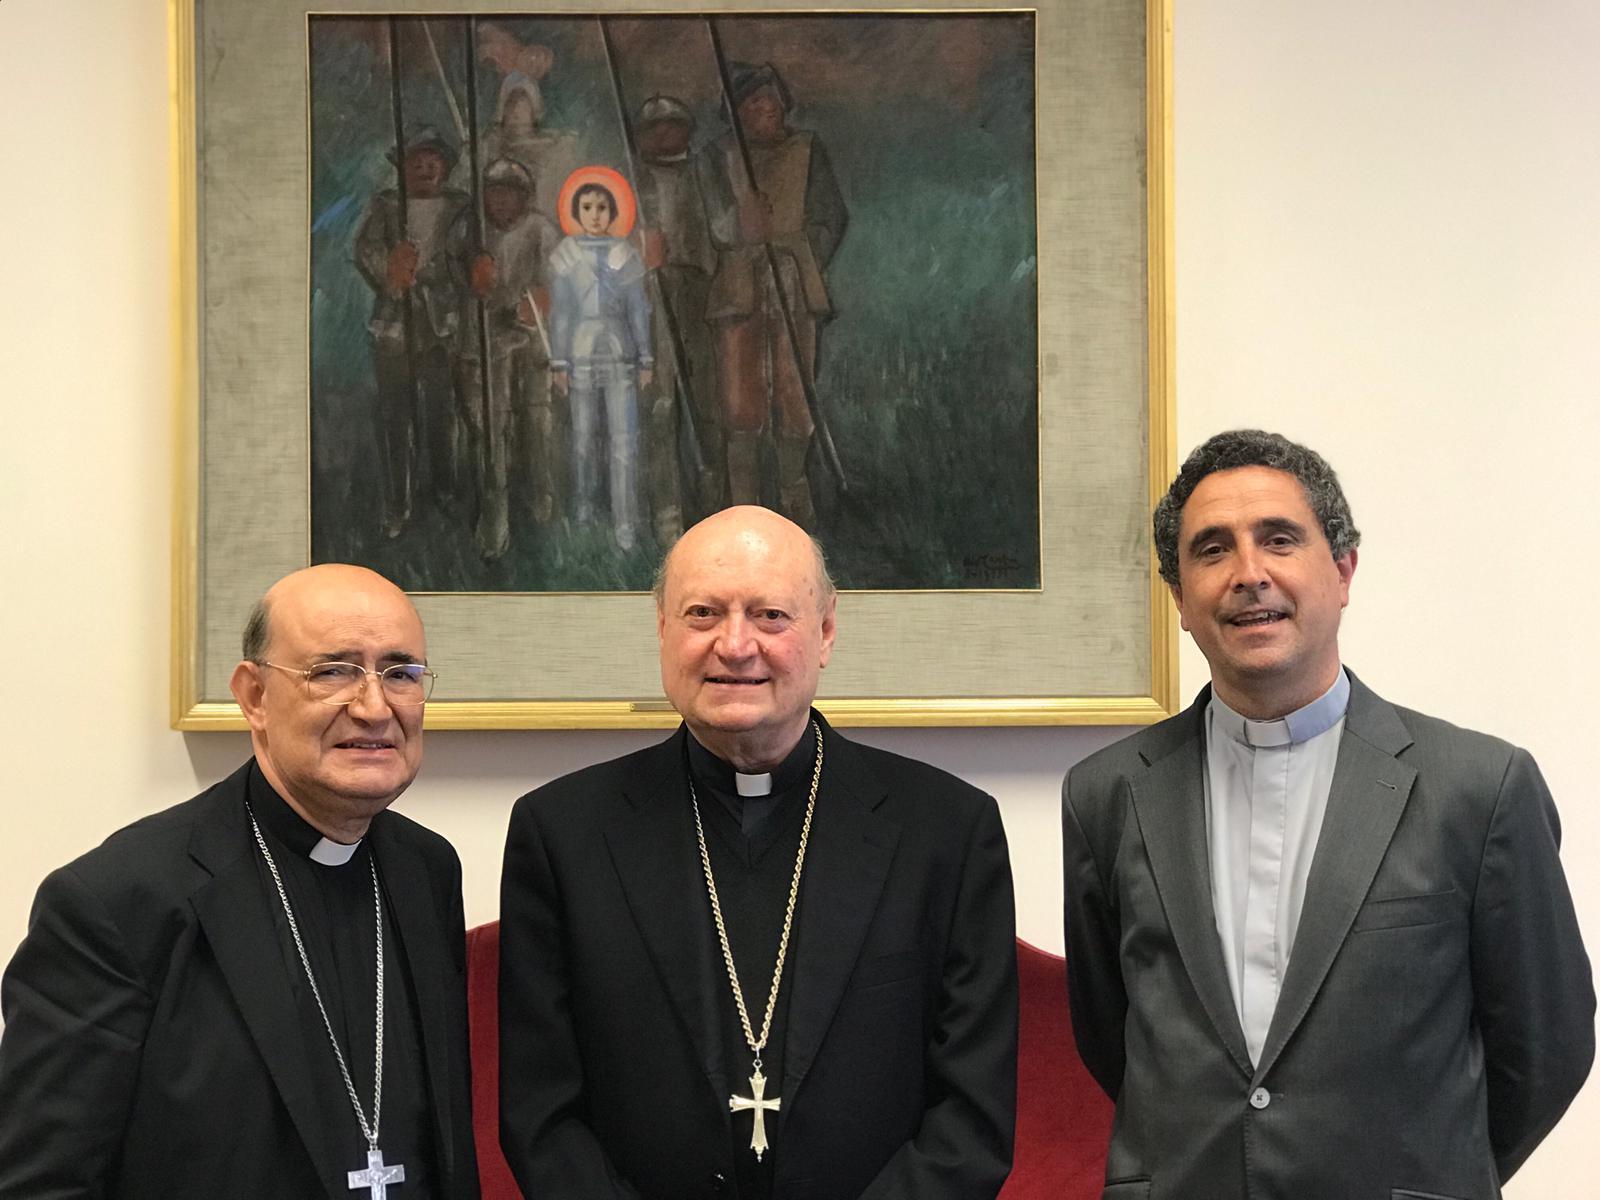 El cardenal junto al arzobispo y al vicario general el pasado mes de junio.